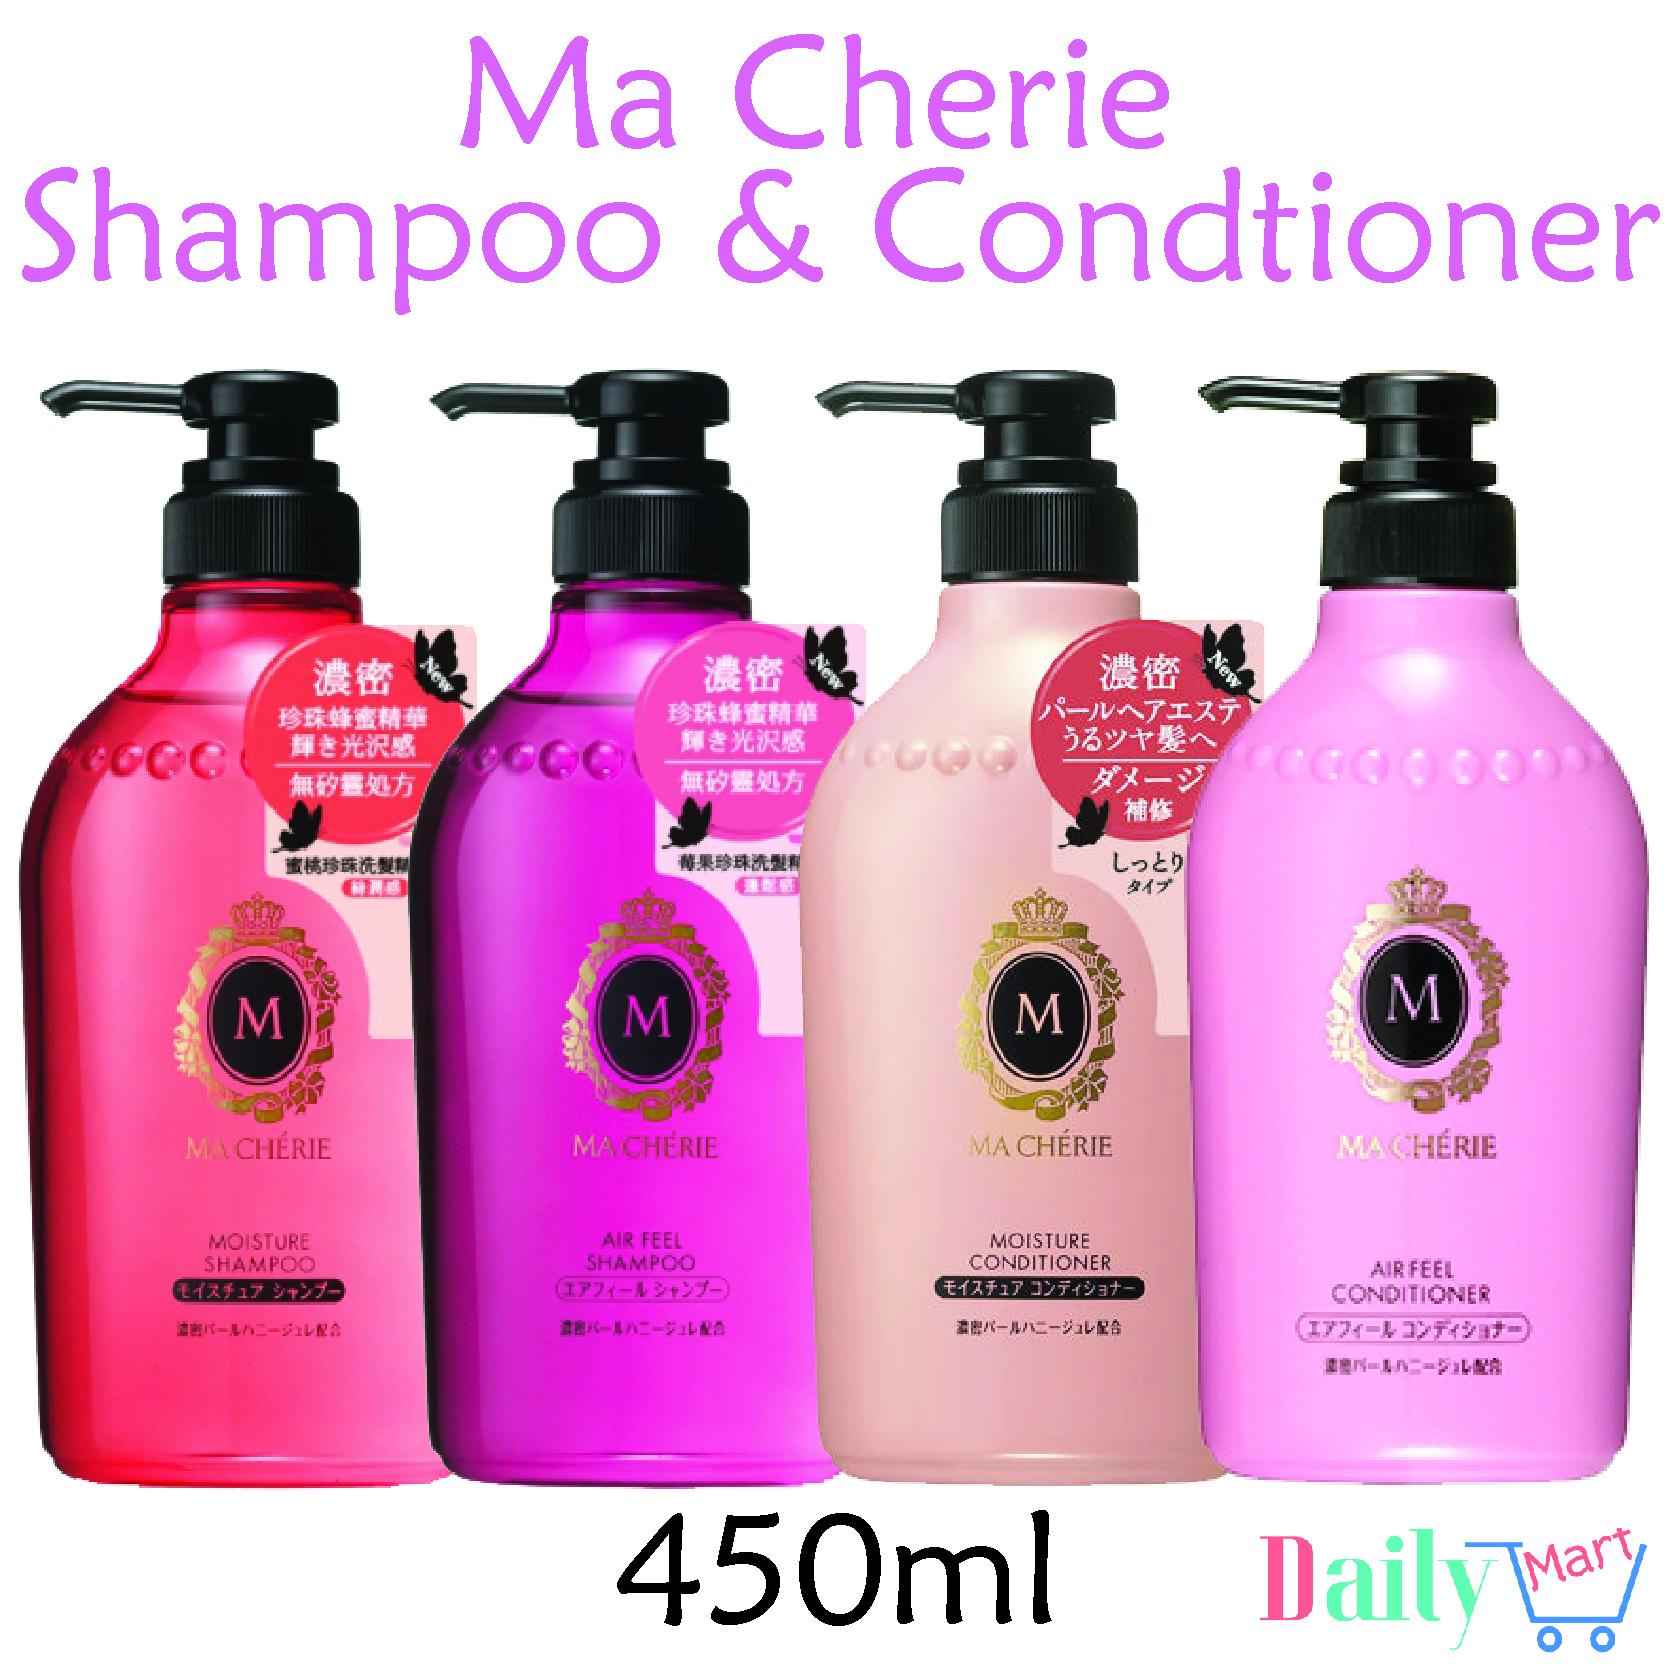 Qoo10 Shops Daily Mart Sg Buy 2 Get 1 Free Attack Liquid Clean Maximizer 800ml Quick